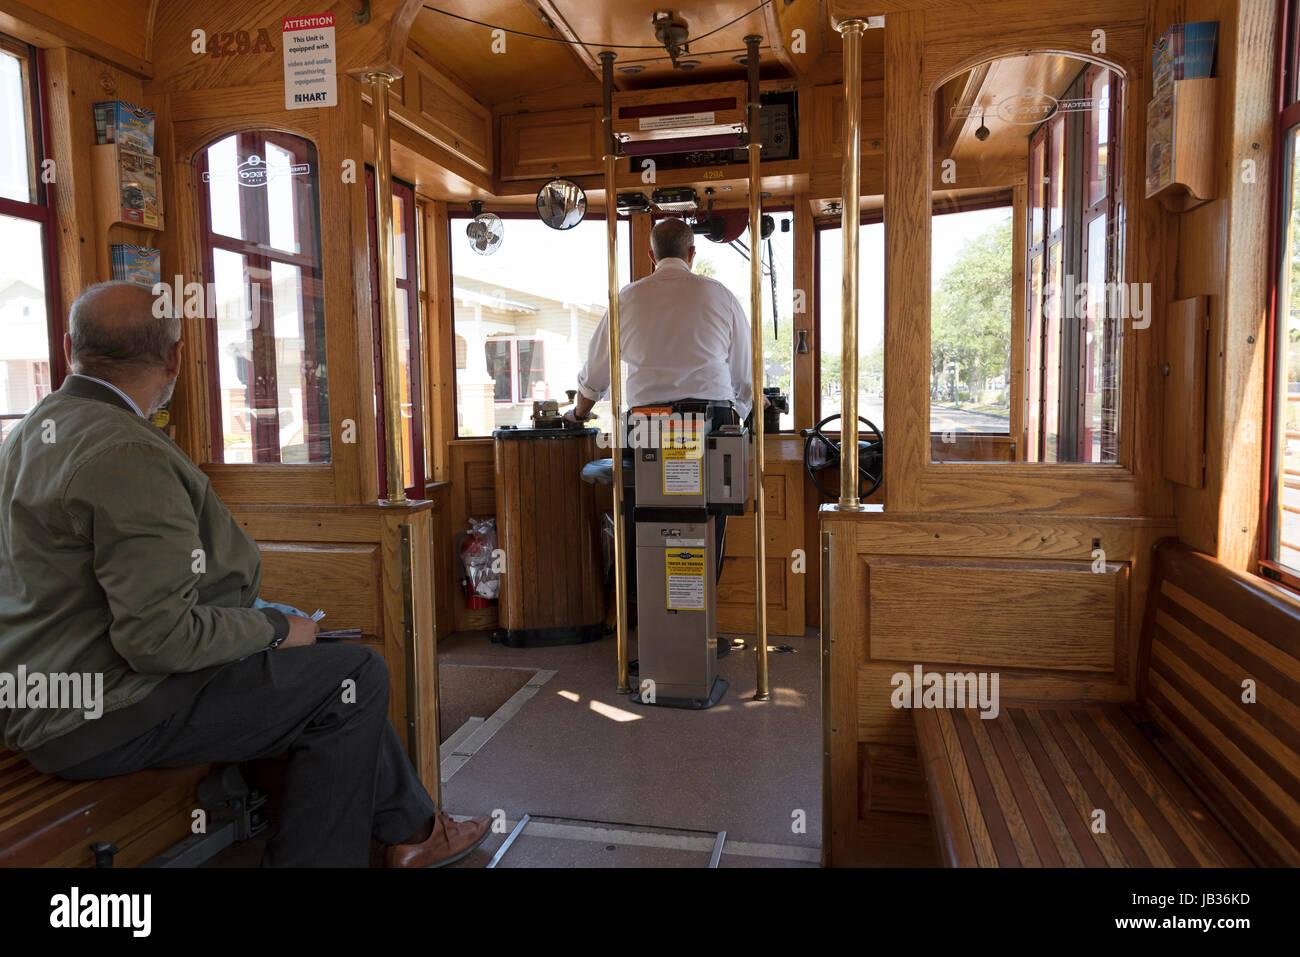 L'interno di un tram con la motorman la guida. Tampa Florida USA. Aprile 2017 Immagini Stock